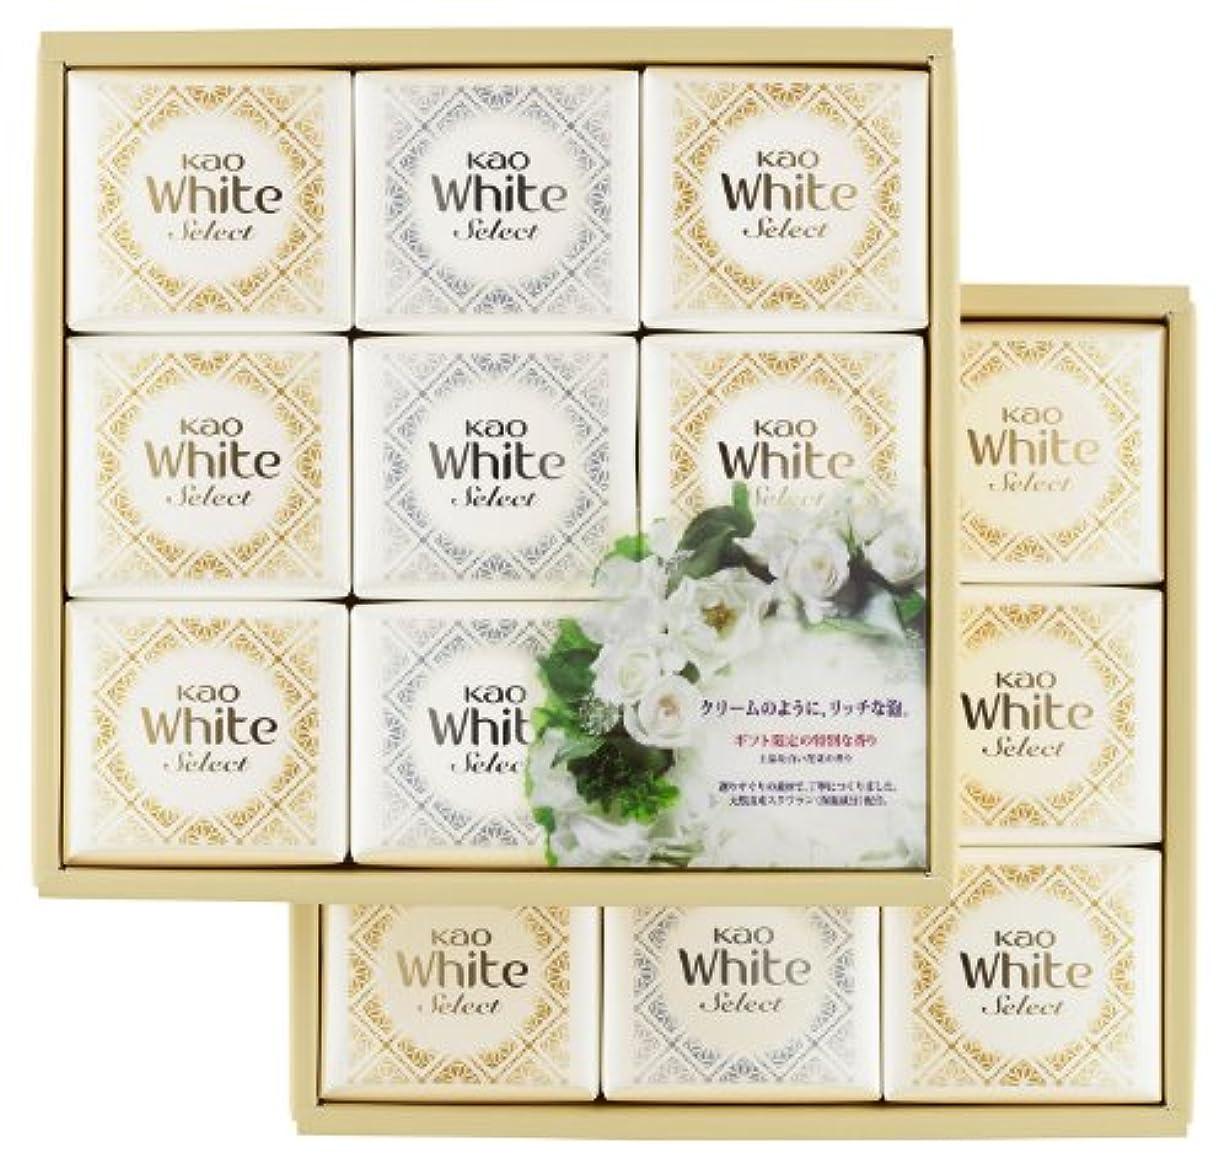 植生訪問人気の花王ホワイト セレクト 上品な白い花束の香り 85g 18コ K?WS-30